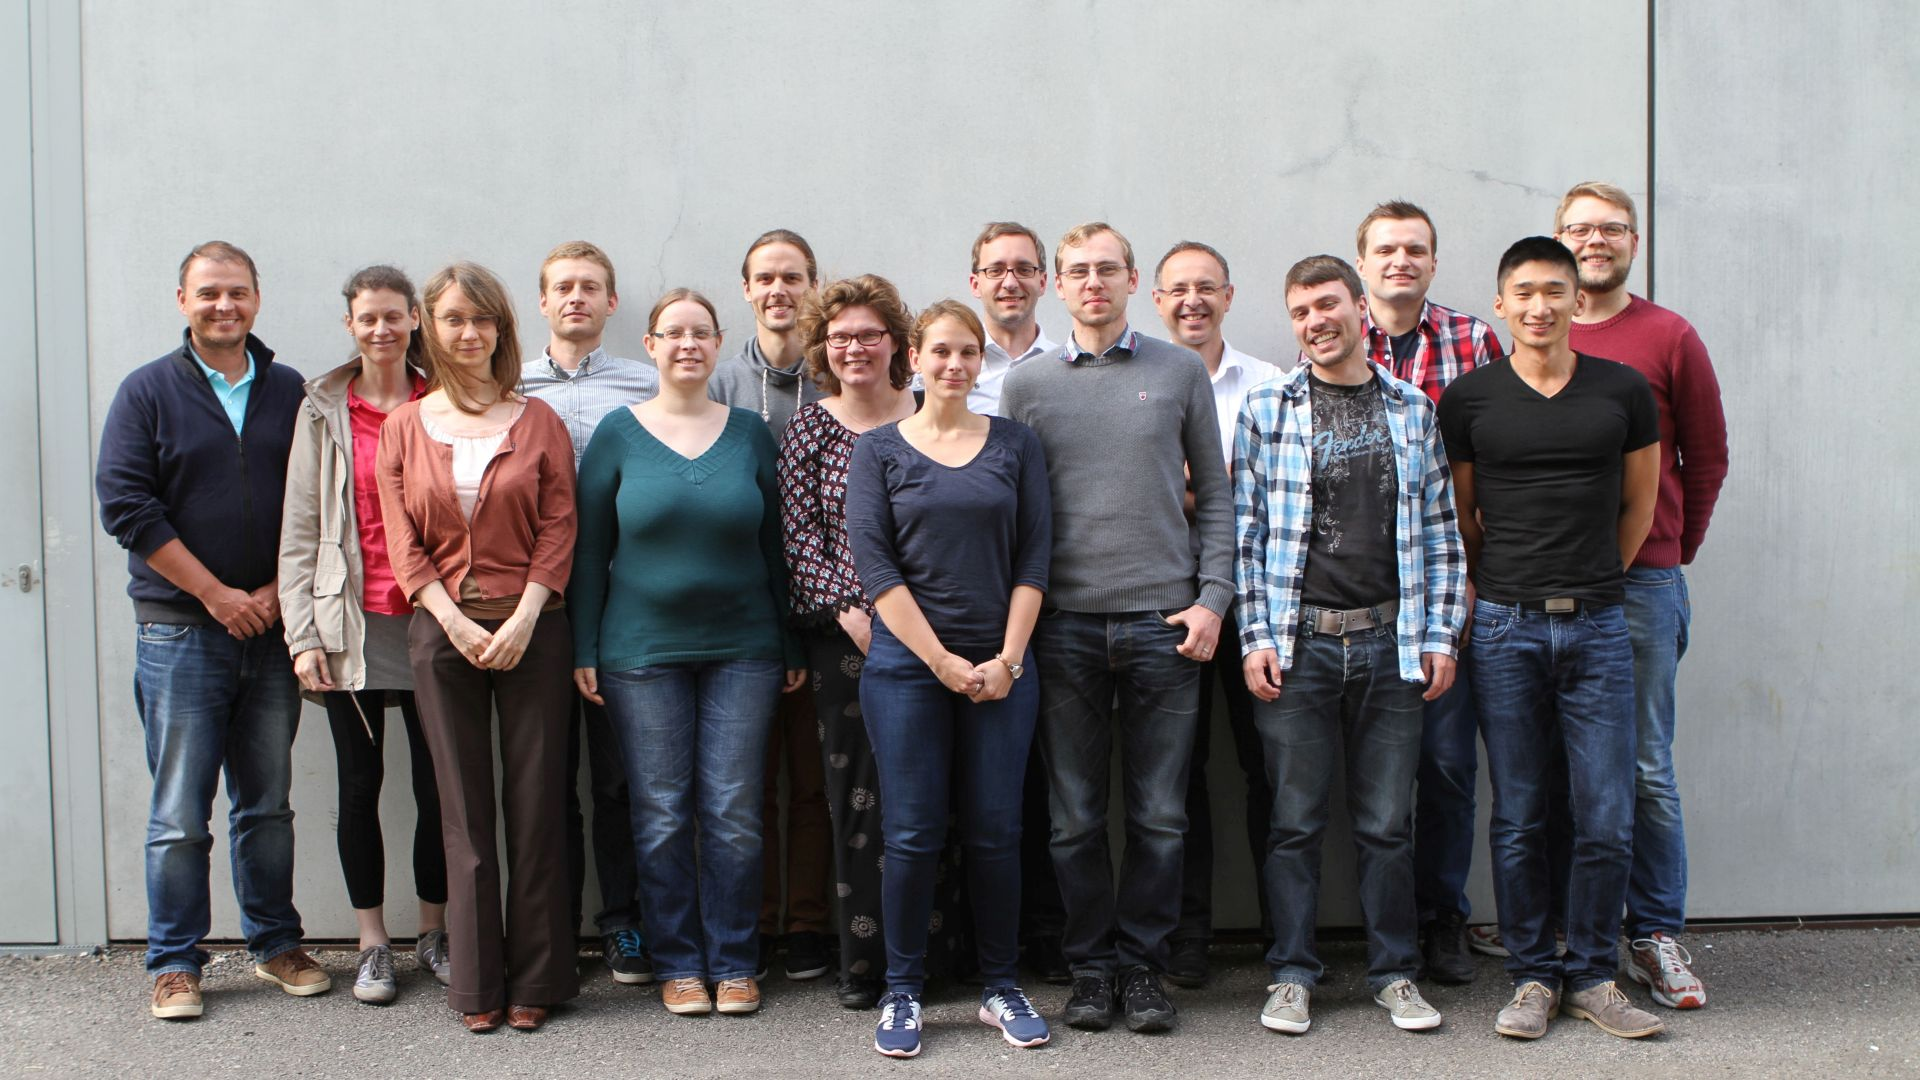 Doktoranden des hciLab, des DFKI Kaiserslautern und der AG wearHEALTH trafen sich am 14. Juli zu einem eintägigen interdisziplinären Doktorandenworkshop an der Universität Stuttgart